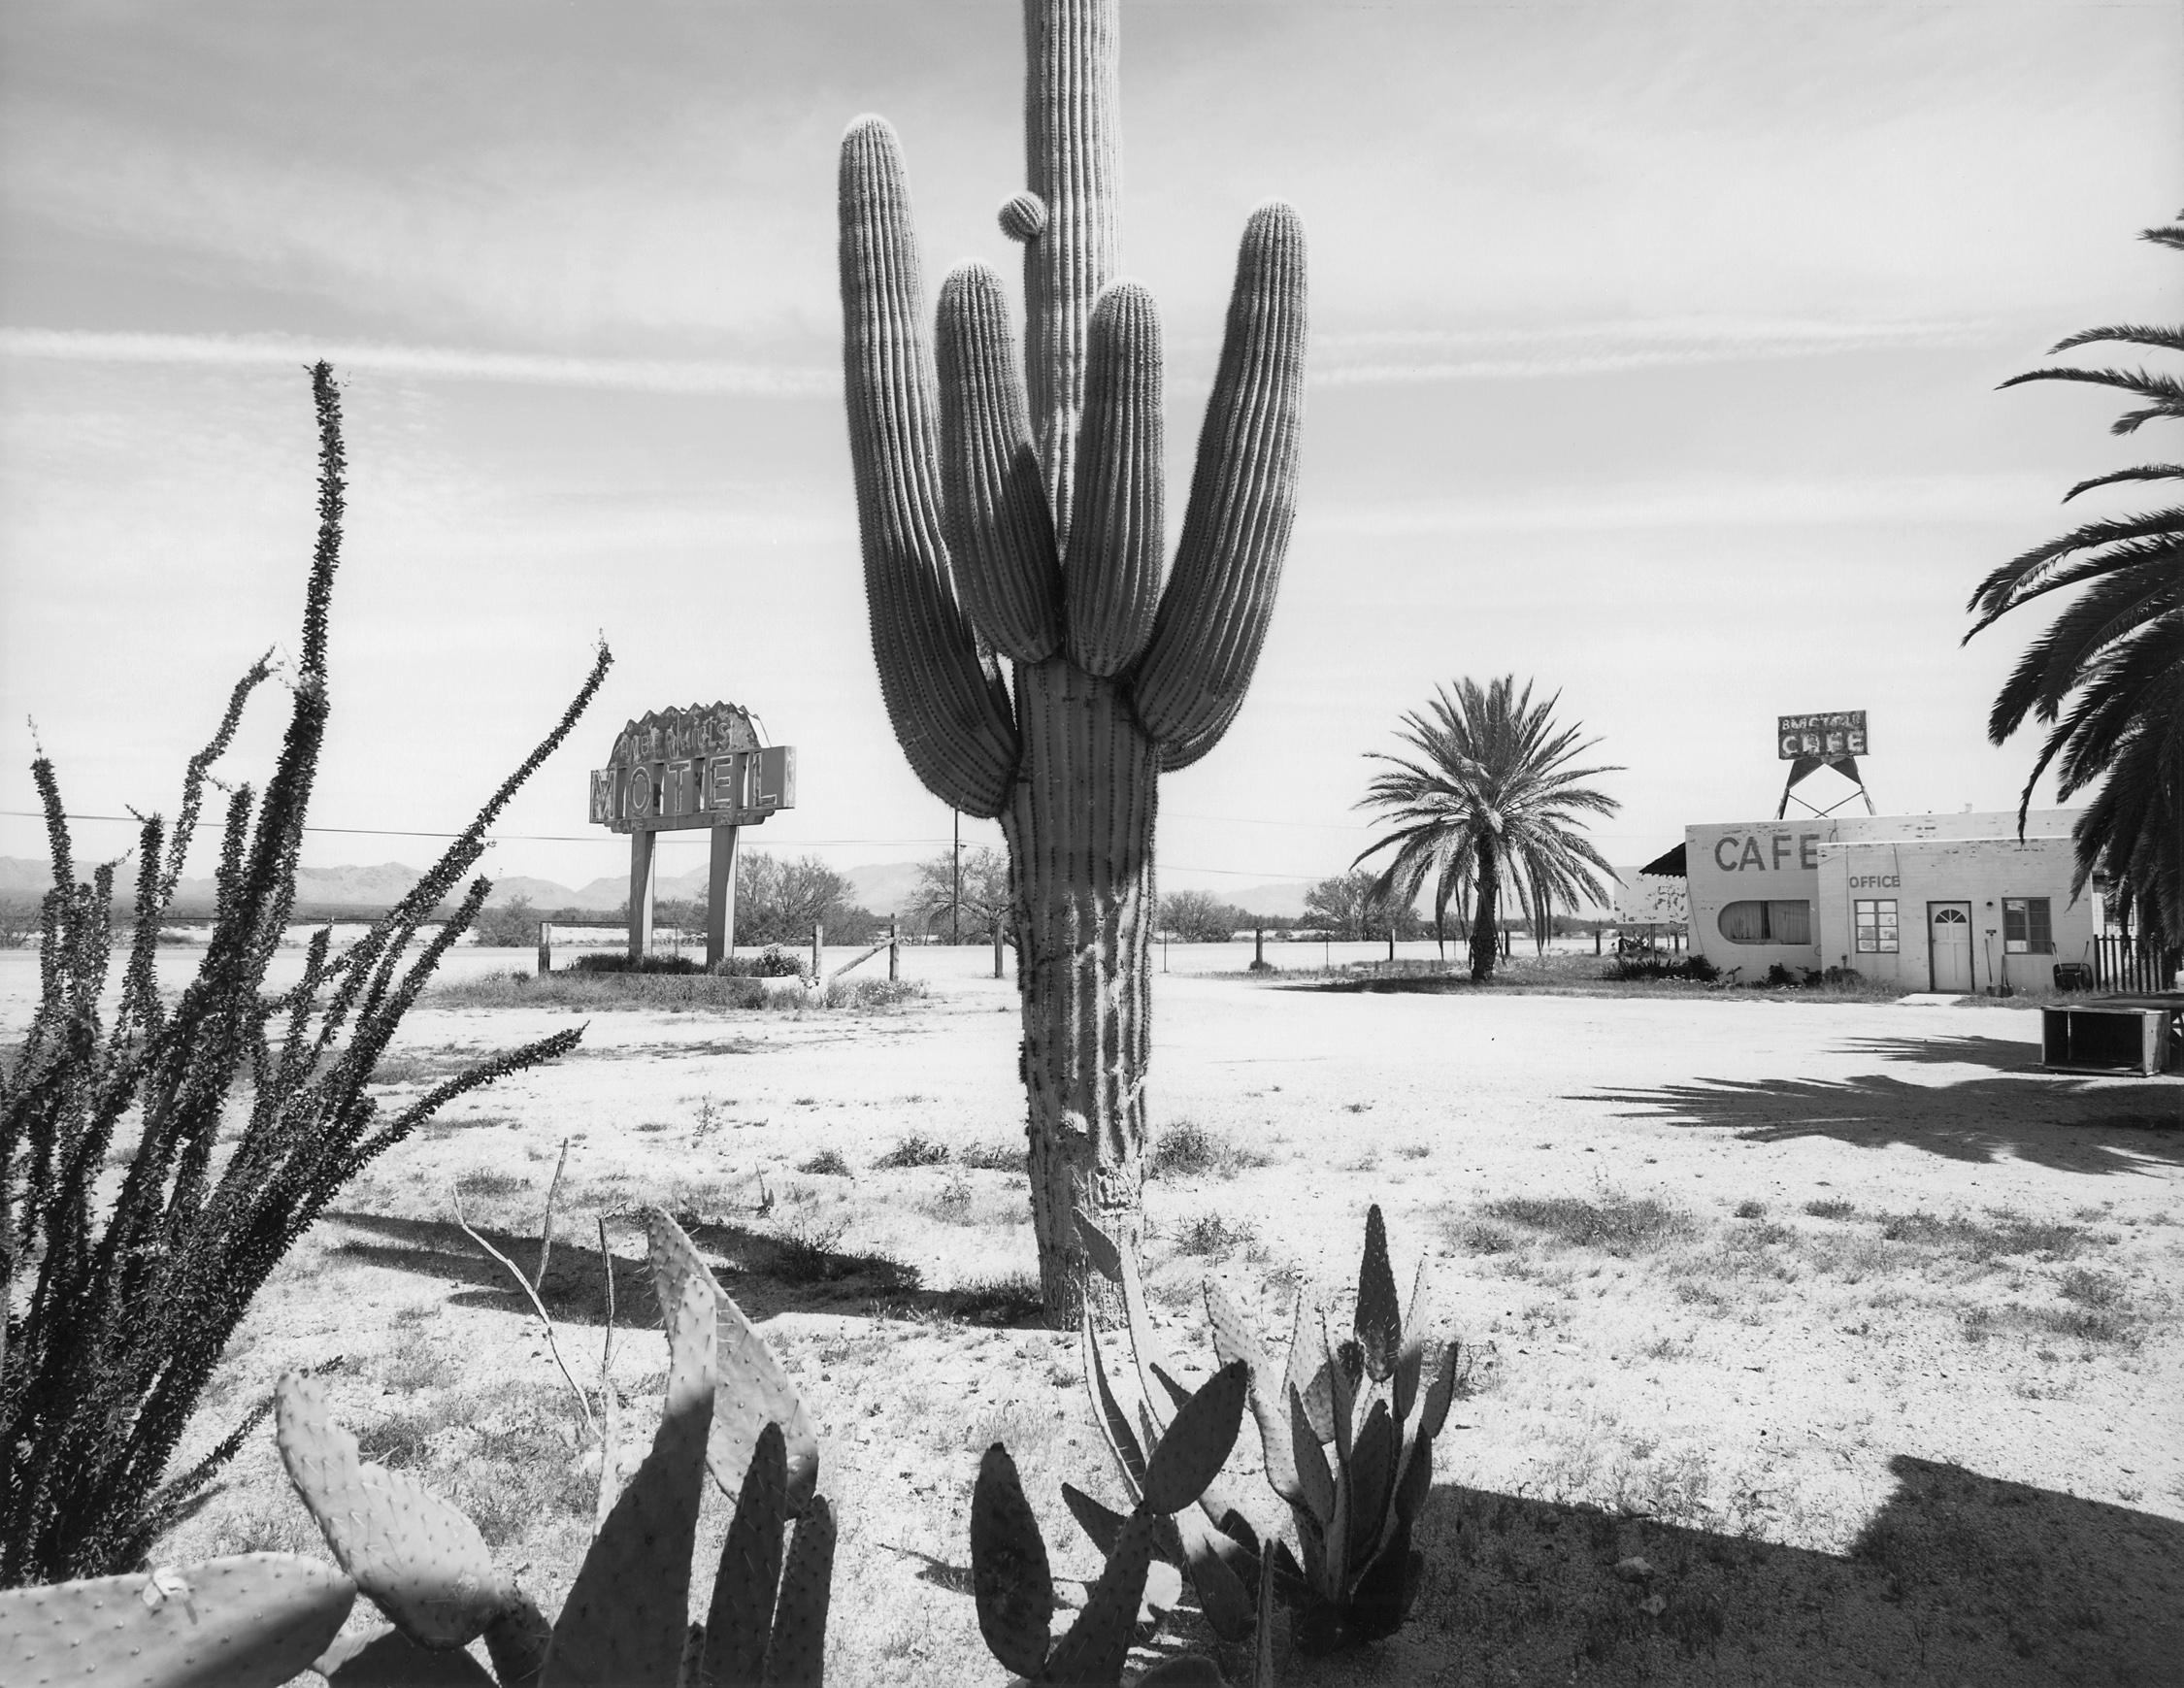 Salome Arizona